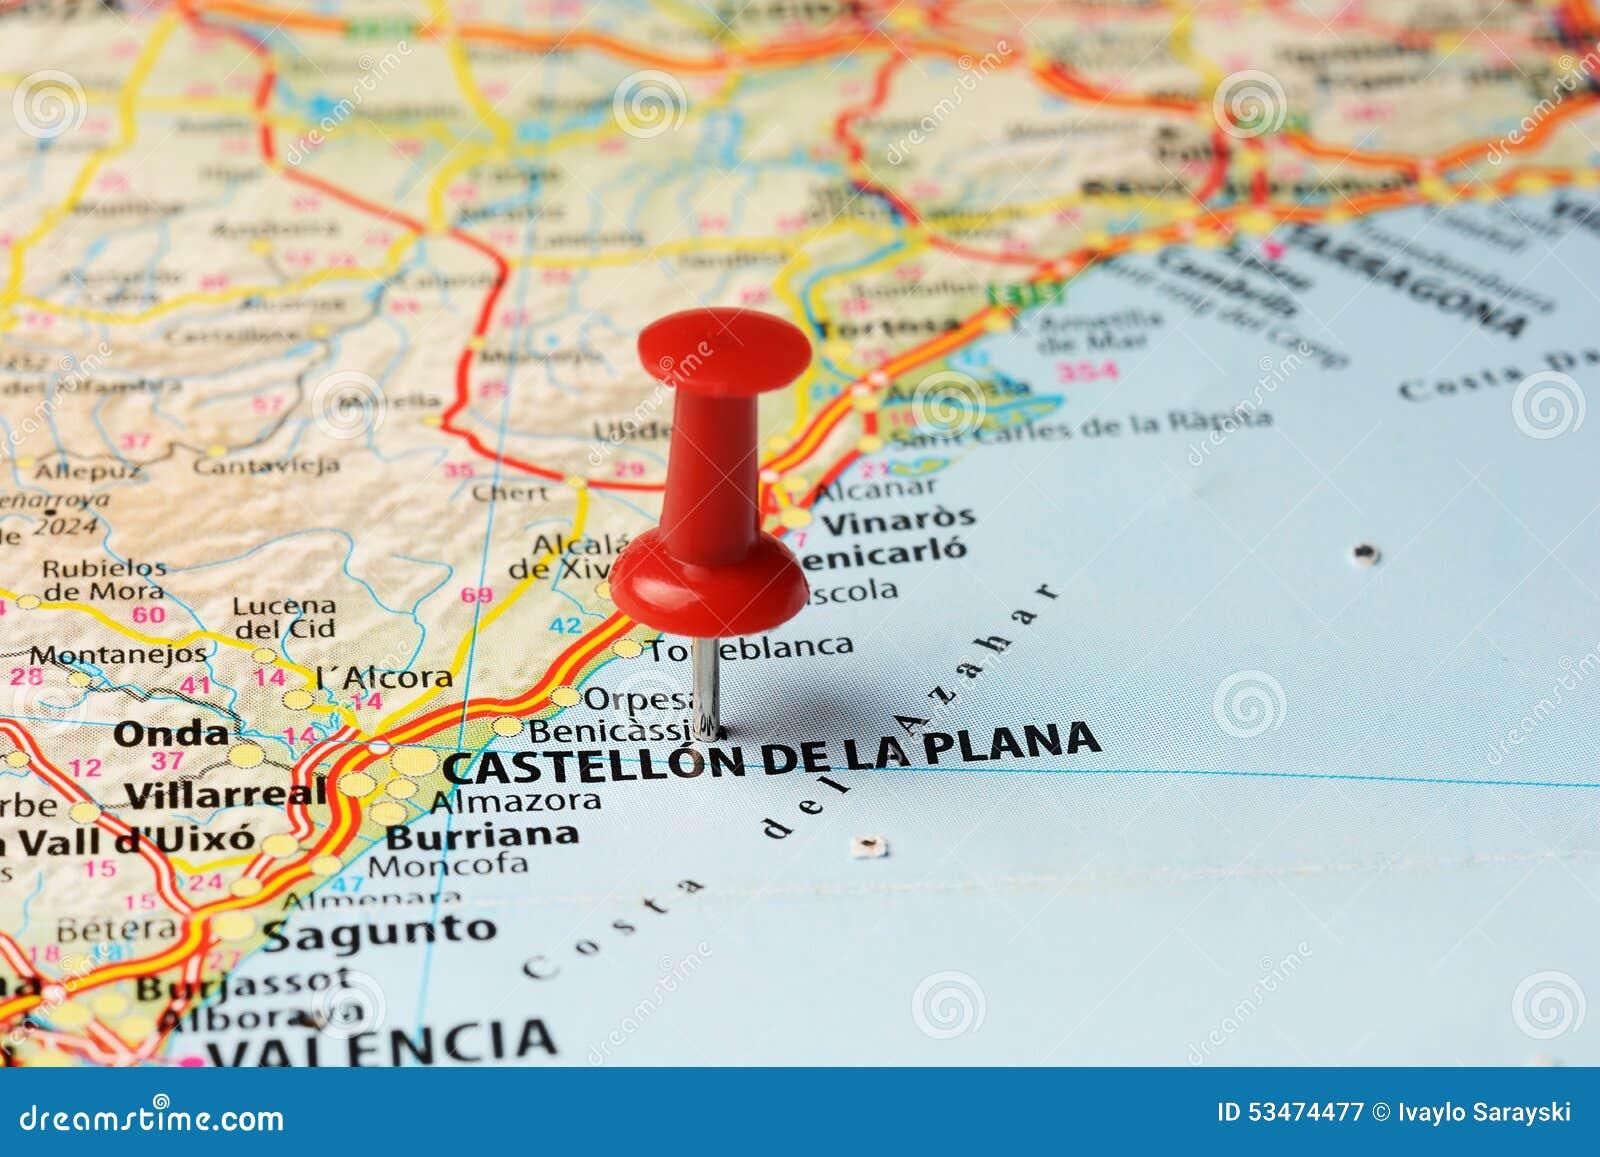 Castellon de la Plana Spain  city pictures gallery : Close up of Castellon de la Plana , Spain map with red pin ,travel ...